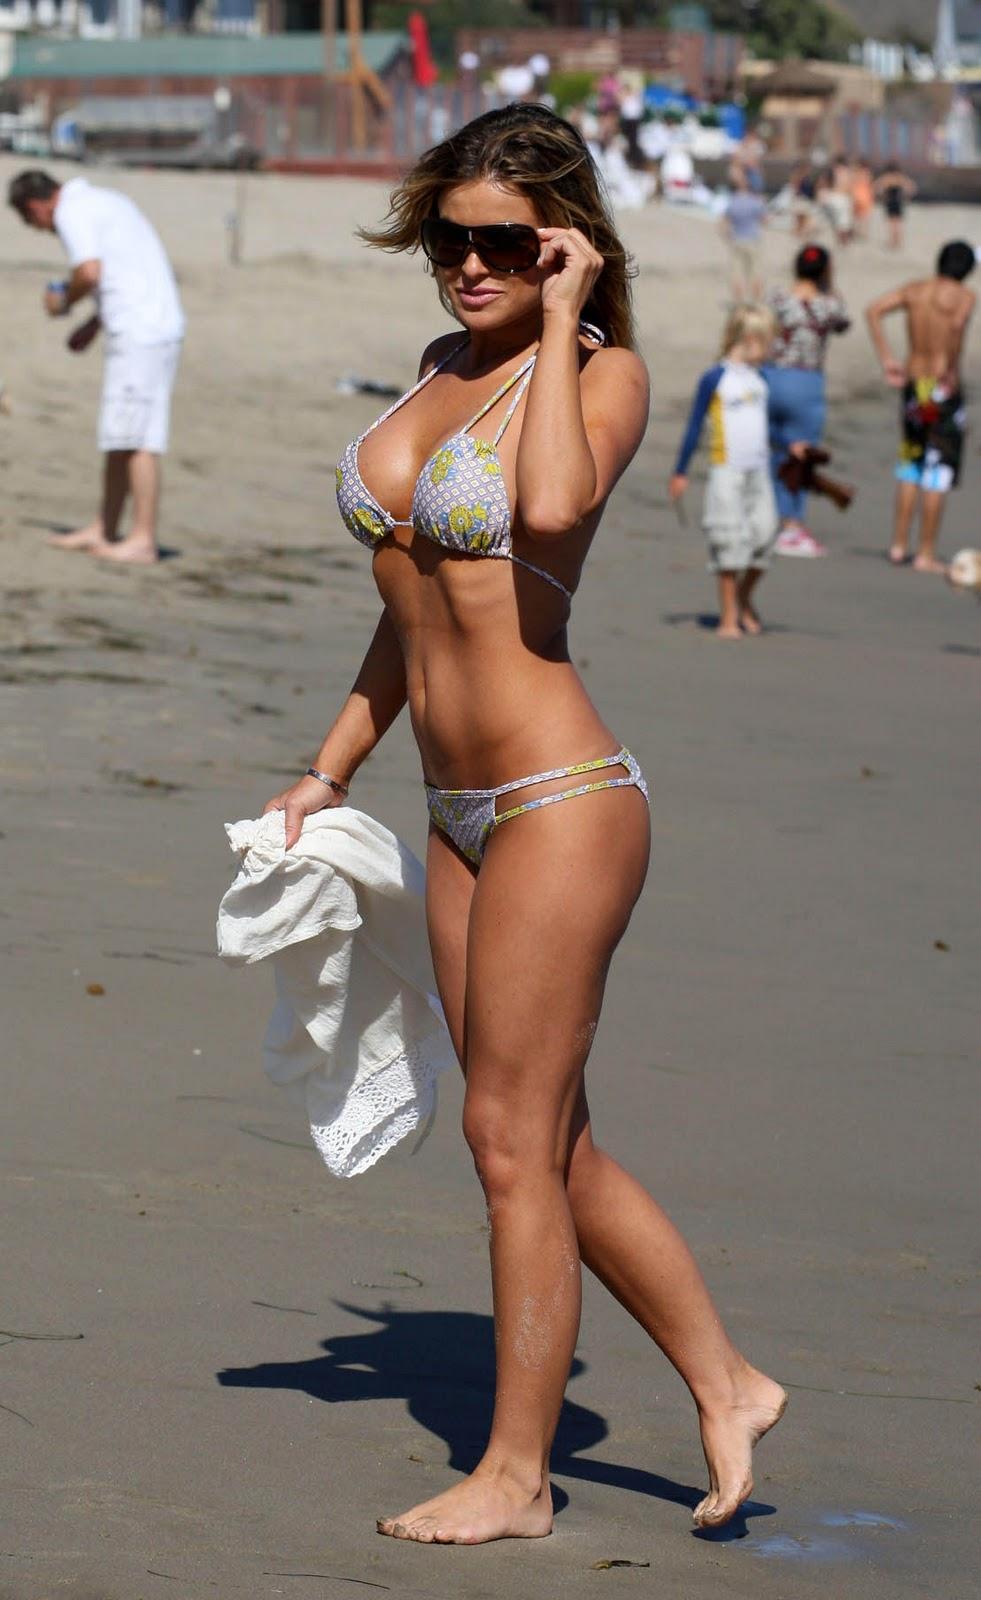 Hot woman xnxx